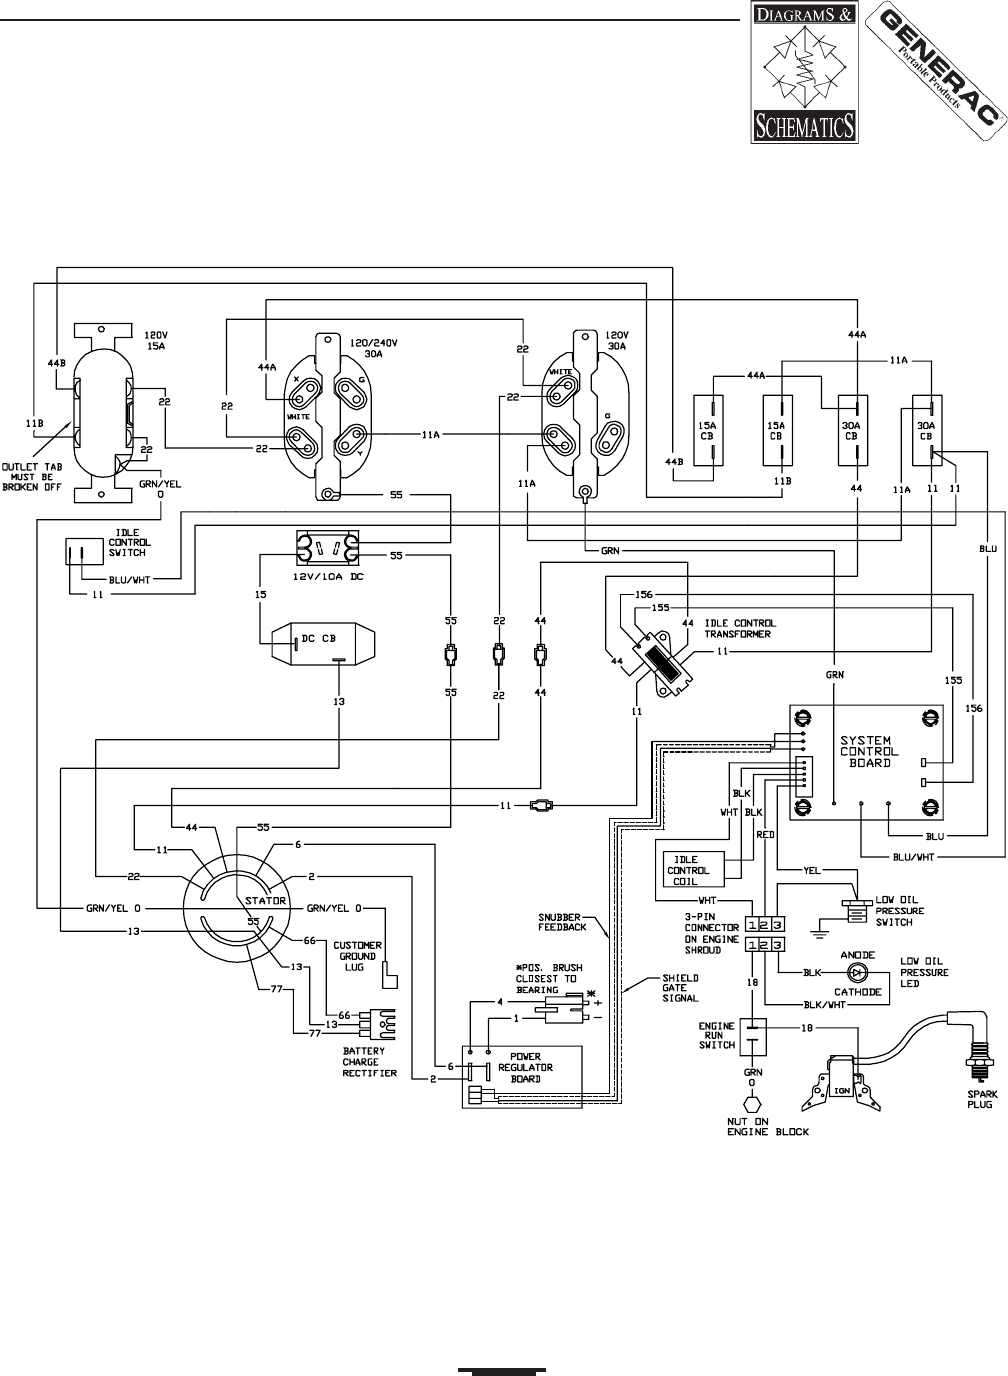 38c29e63 4610 4d0c 9aae d948c0ee2240 bgf?resize\\\\\\\\\\\\\=665%2C908 booster pump control panel wiring diagram wiring diagram booster pump control panel wiring diagram at soozxer.org